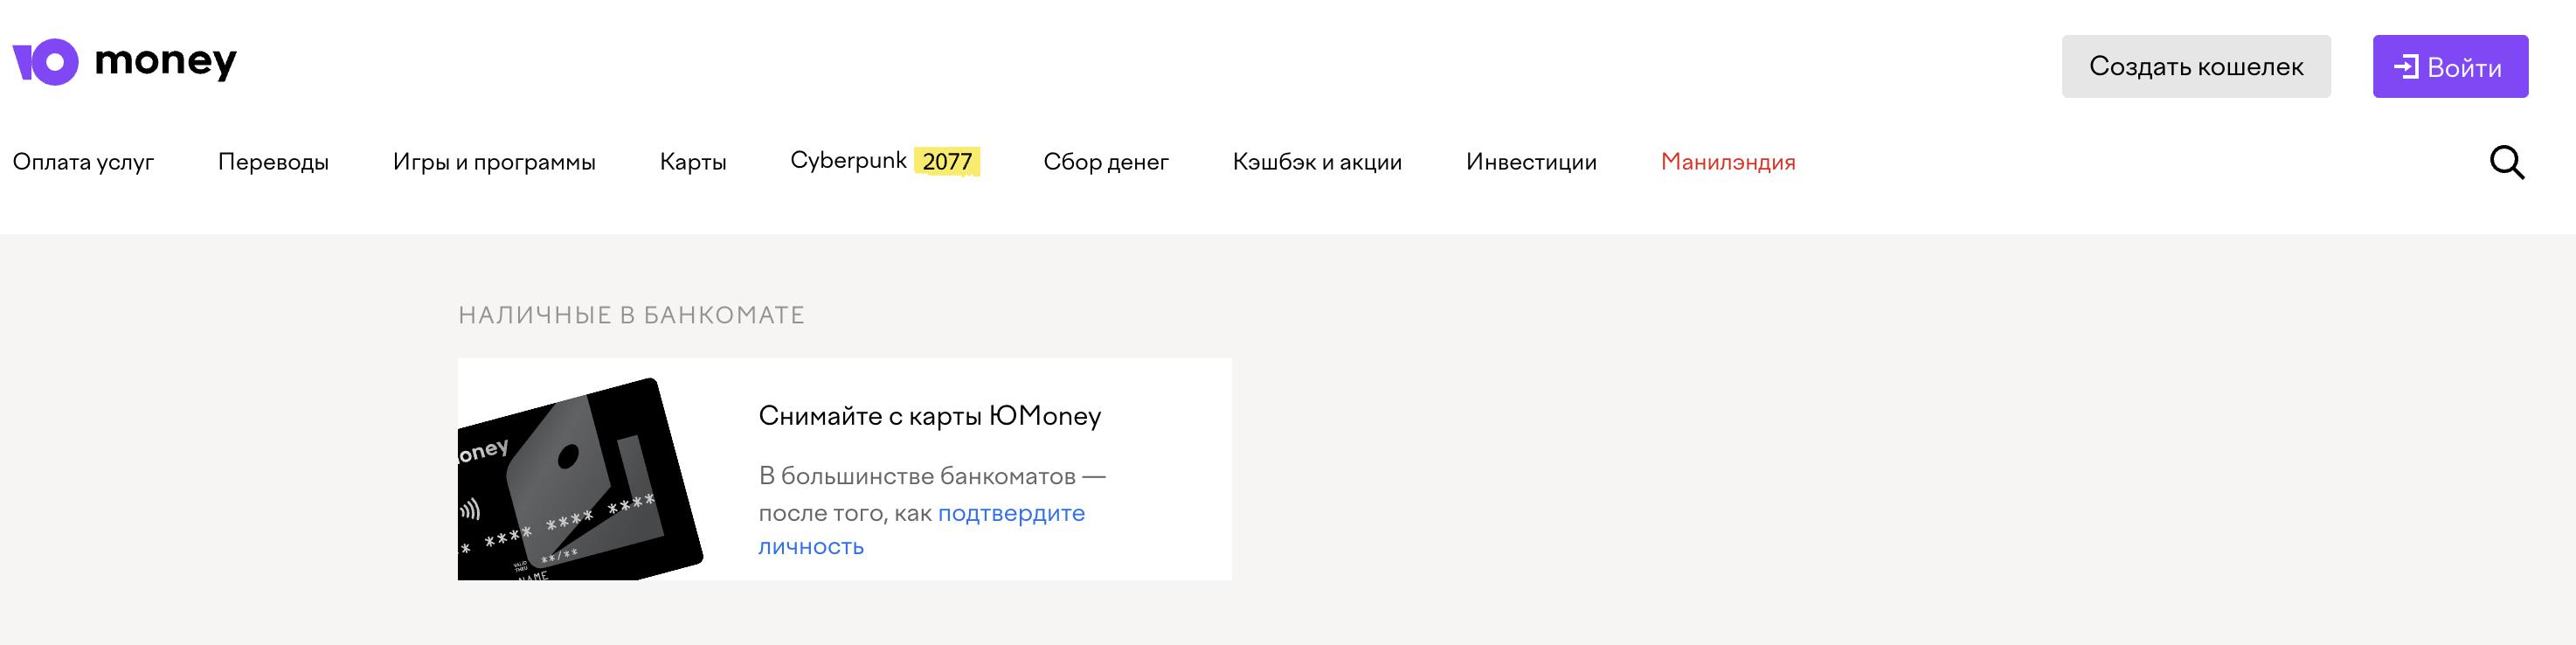 Как снять деньги с ЮMoney наличными в банкомате